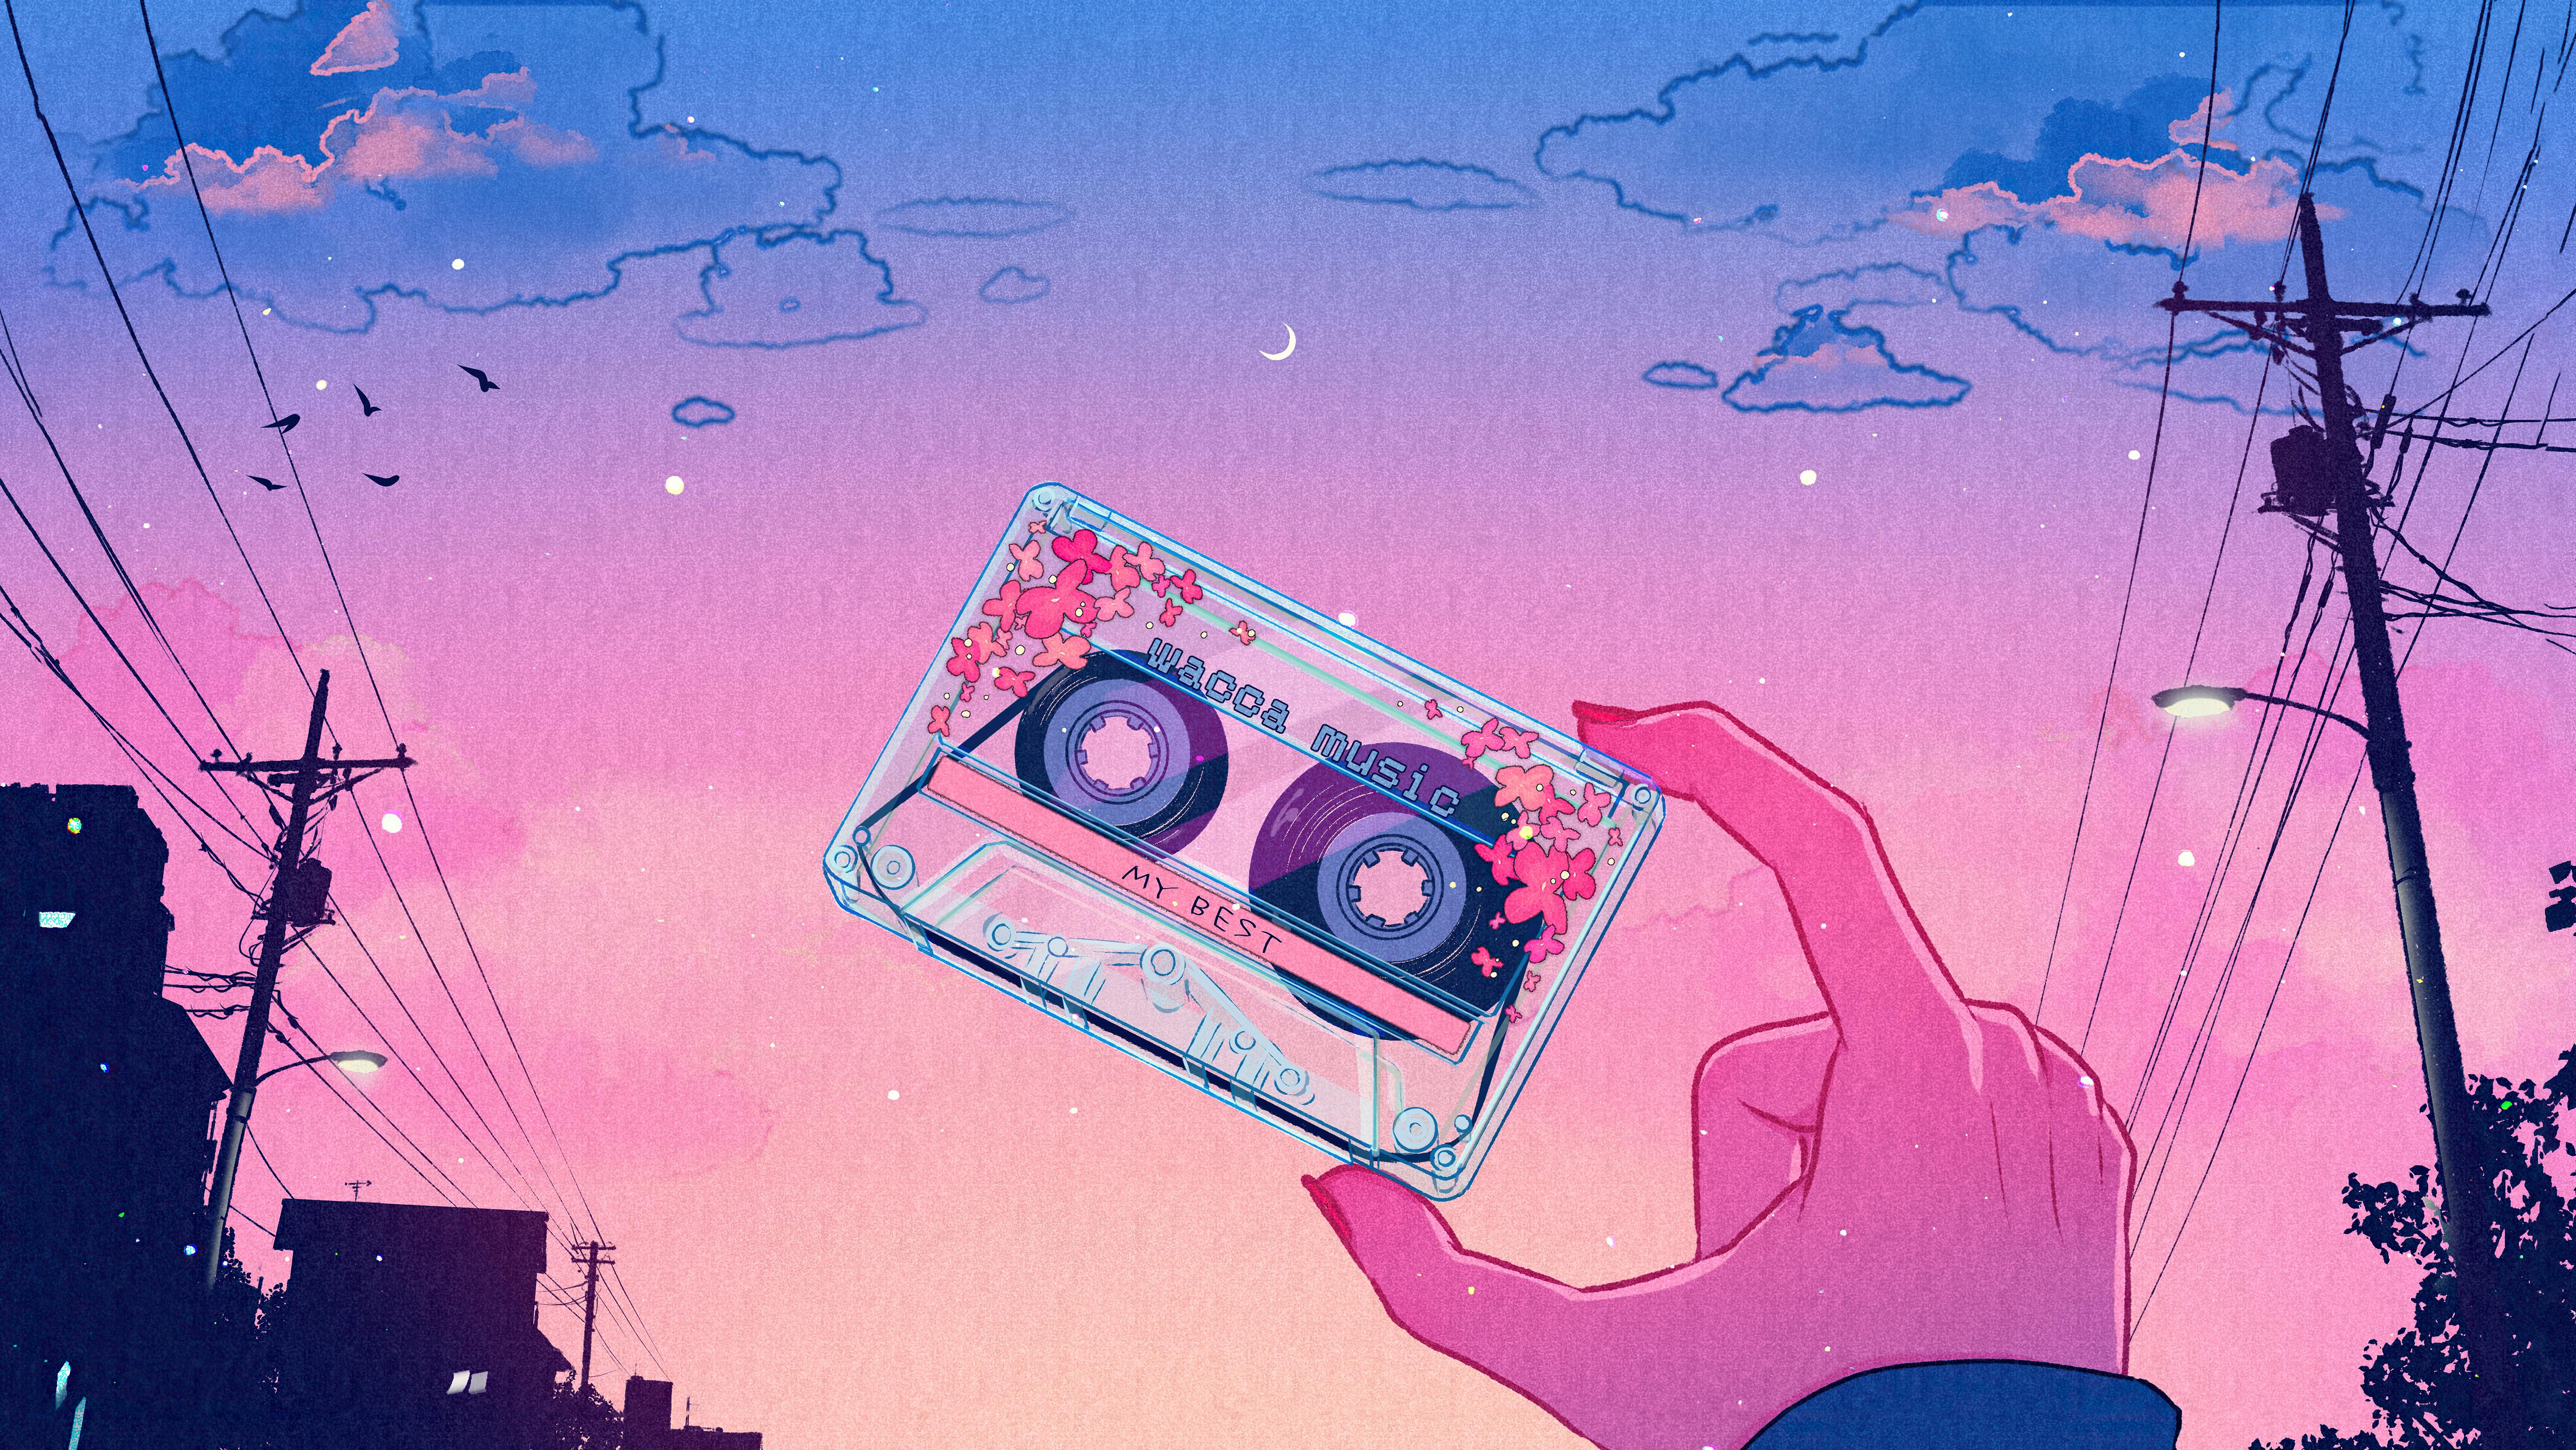 my best casette playlist 4k 1618133576 - My Best Casette Playlist 4k - My Best Casette Playlist 4k wallpapers